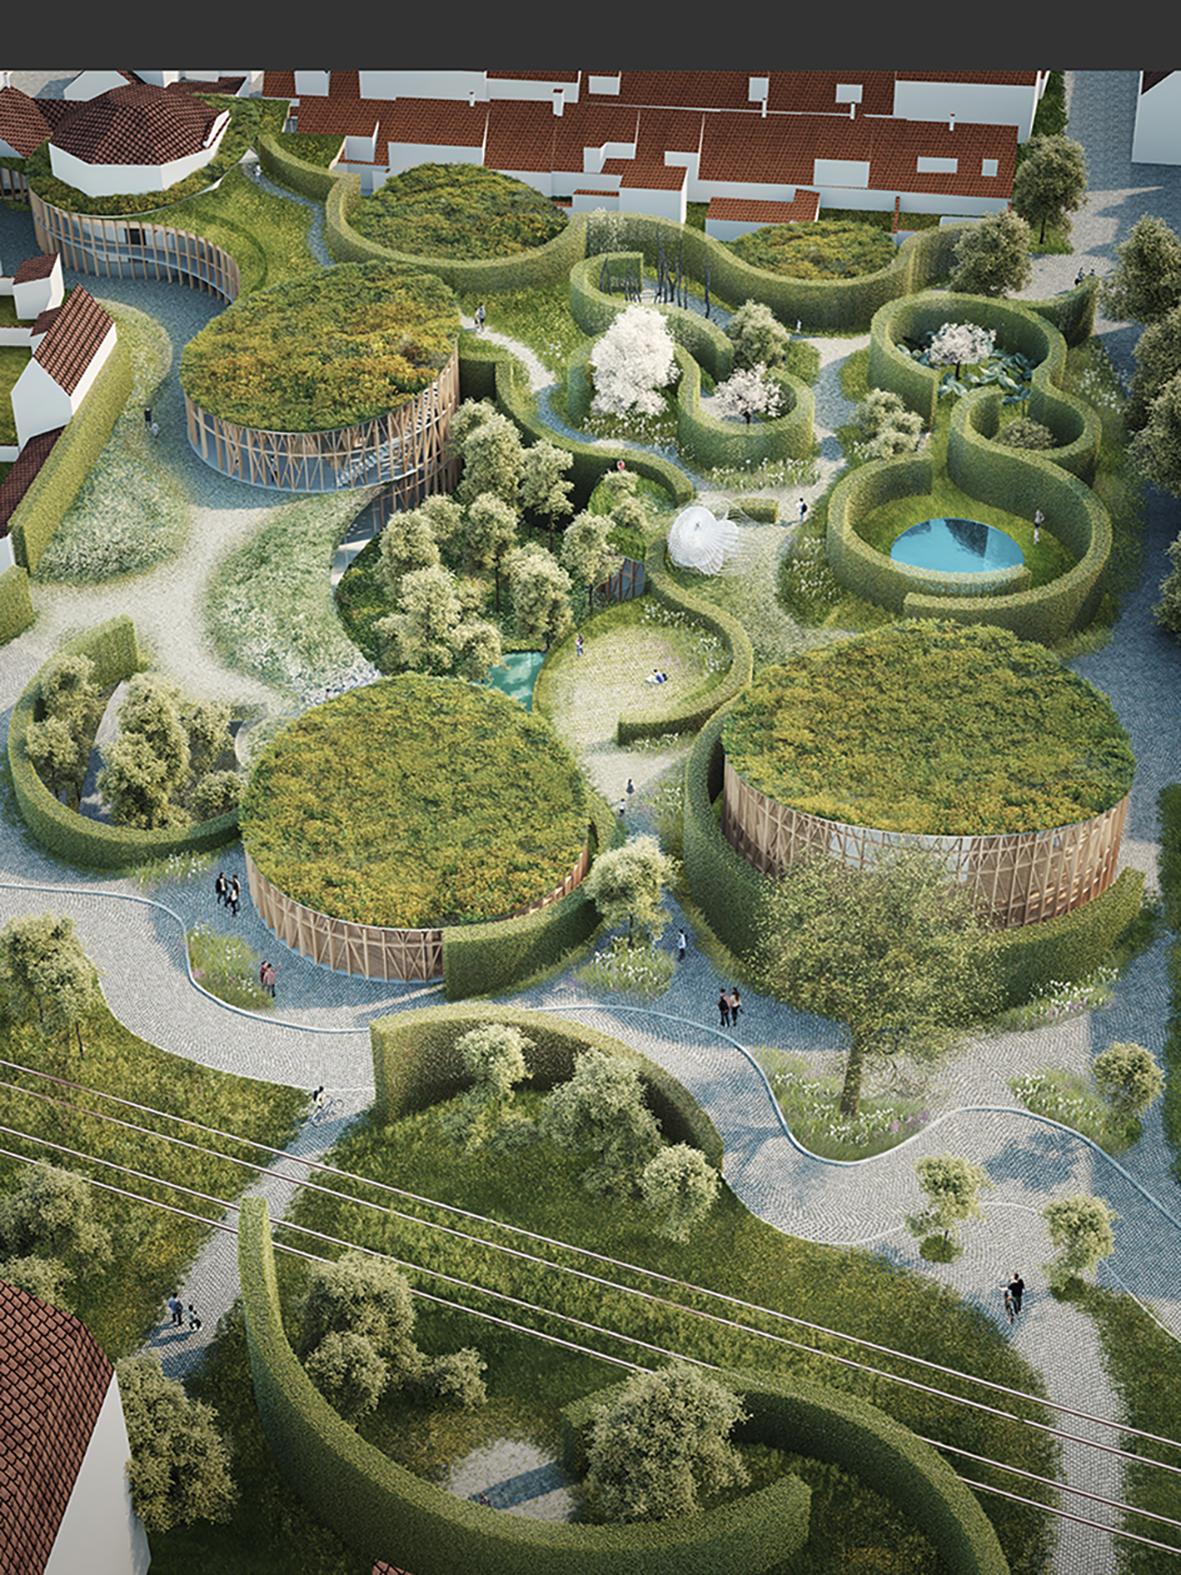 Rendering, H.C.Andersen Haven Arabesque overview © Kengo Kuma & Associates, Cornelius Vöge, MASU Planning